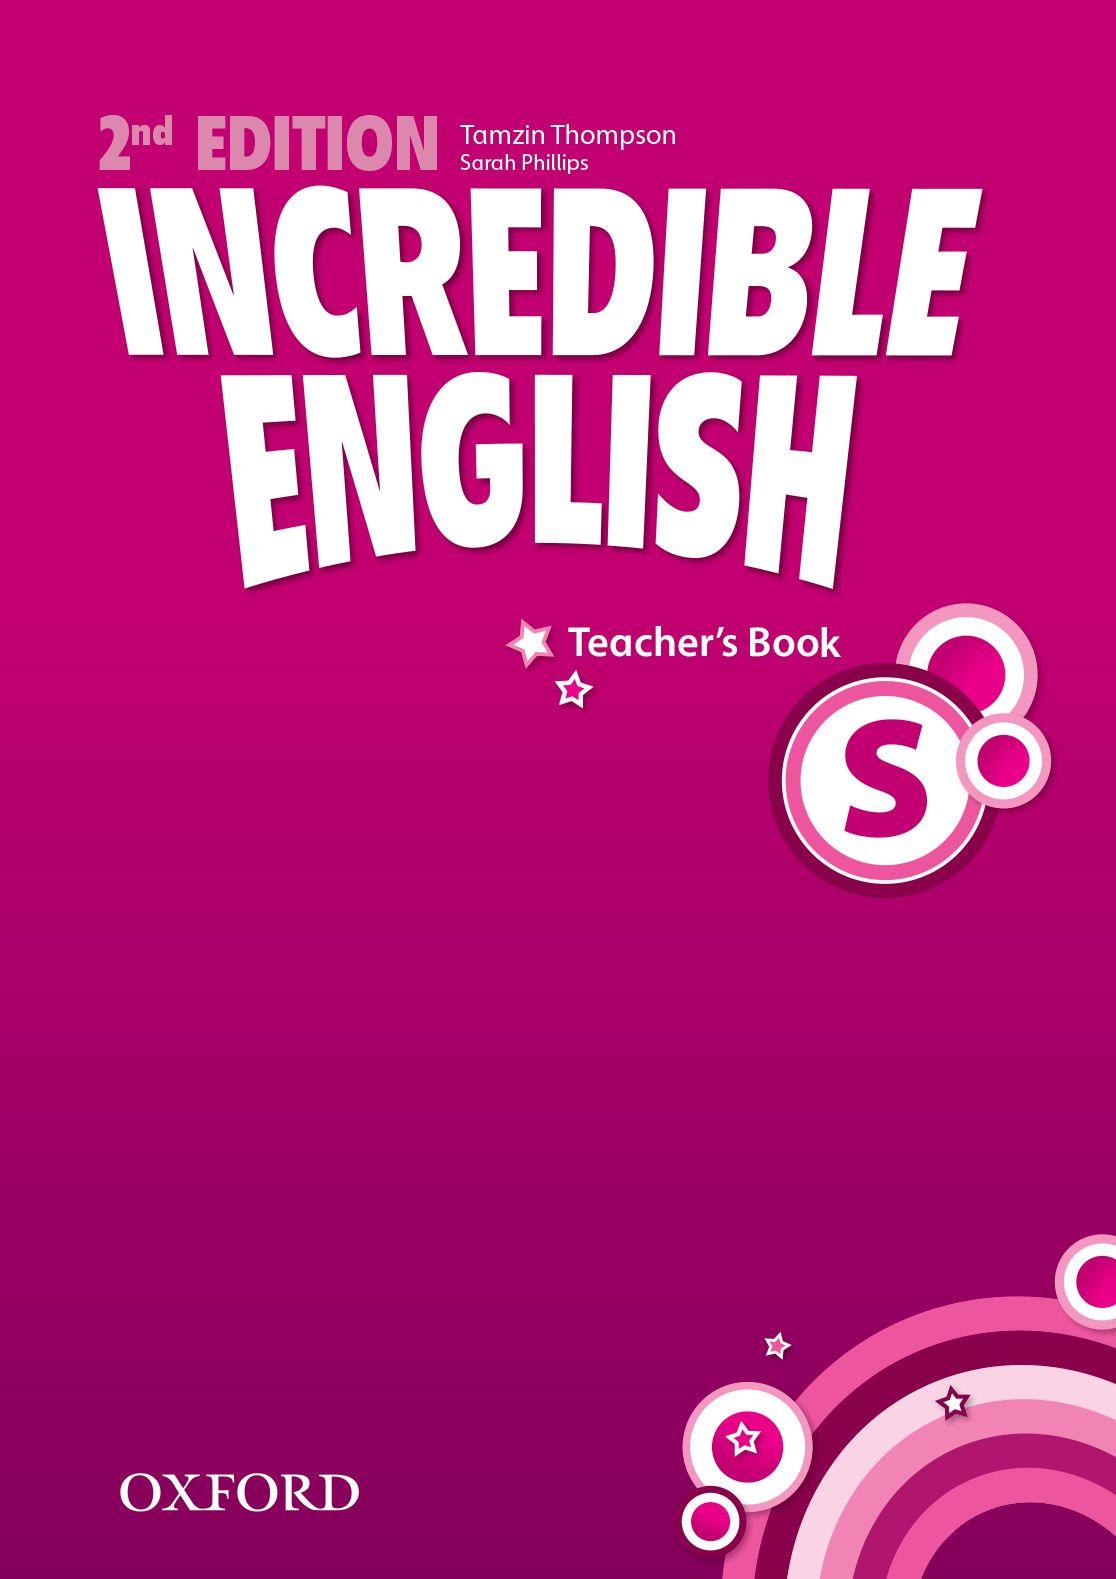 INCREDIBLE ENGLISHLISH 2E STARTER TB incredible englishlish 2e 6 ab